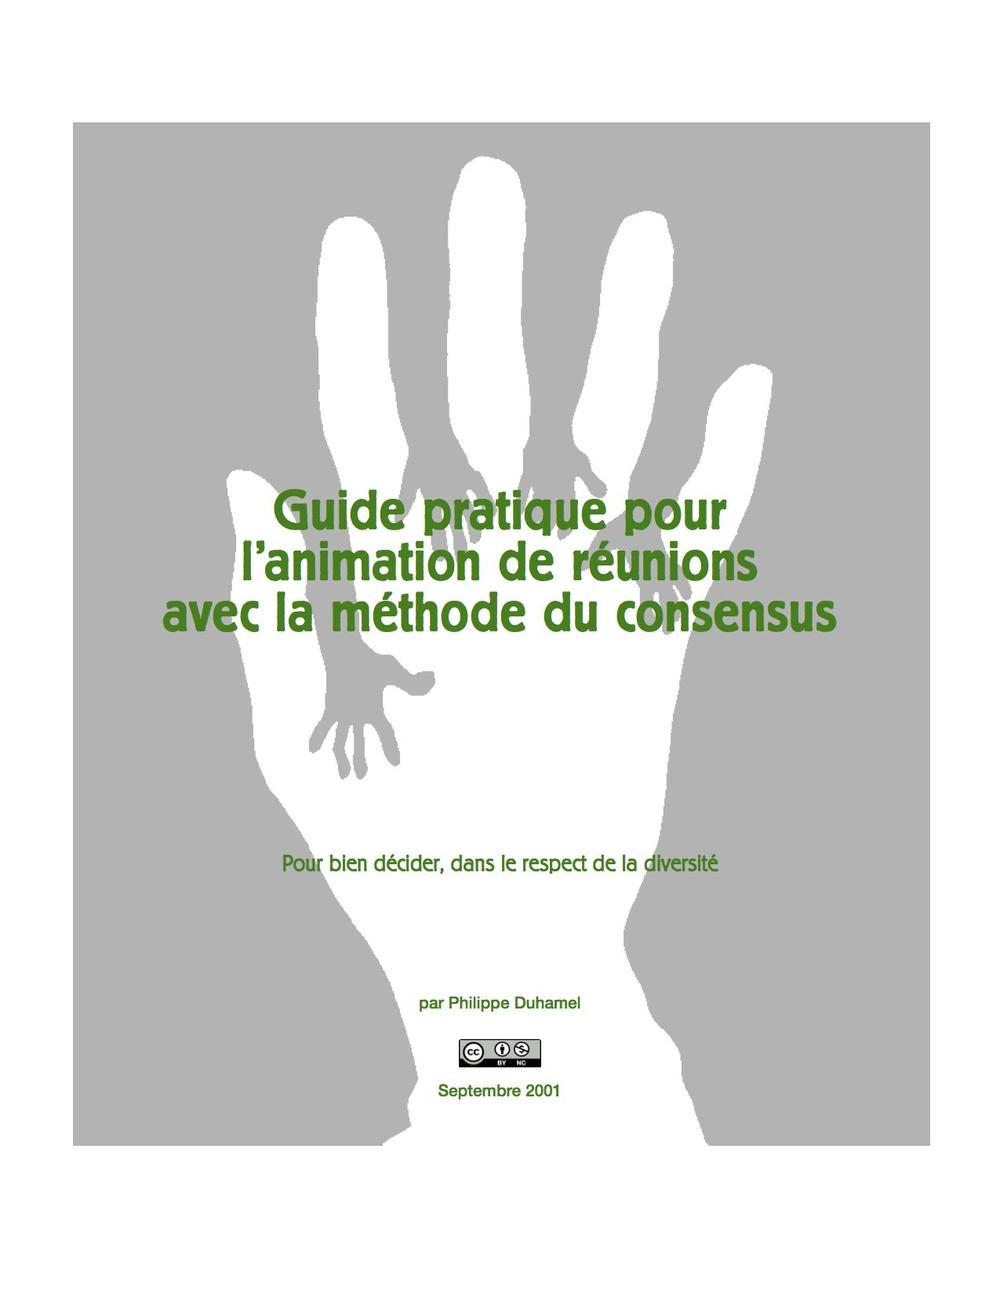 Duhamel, Philippe,Guide pratique pour l'animation de réunions avec la méthode du consensus, 2001, 24 pages, 640 Ko.